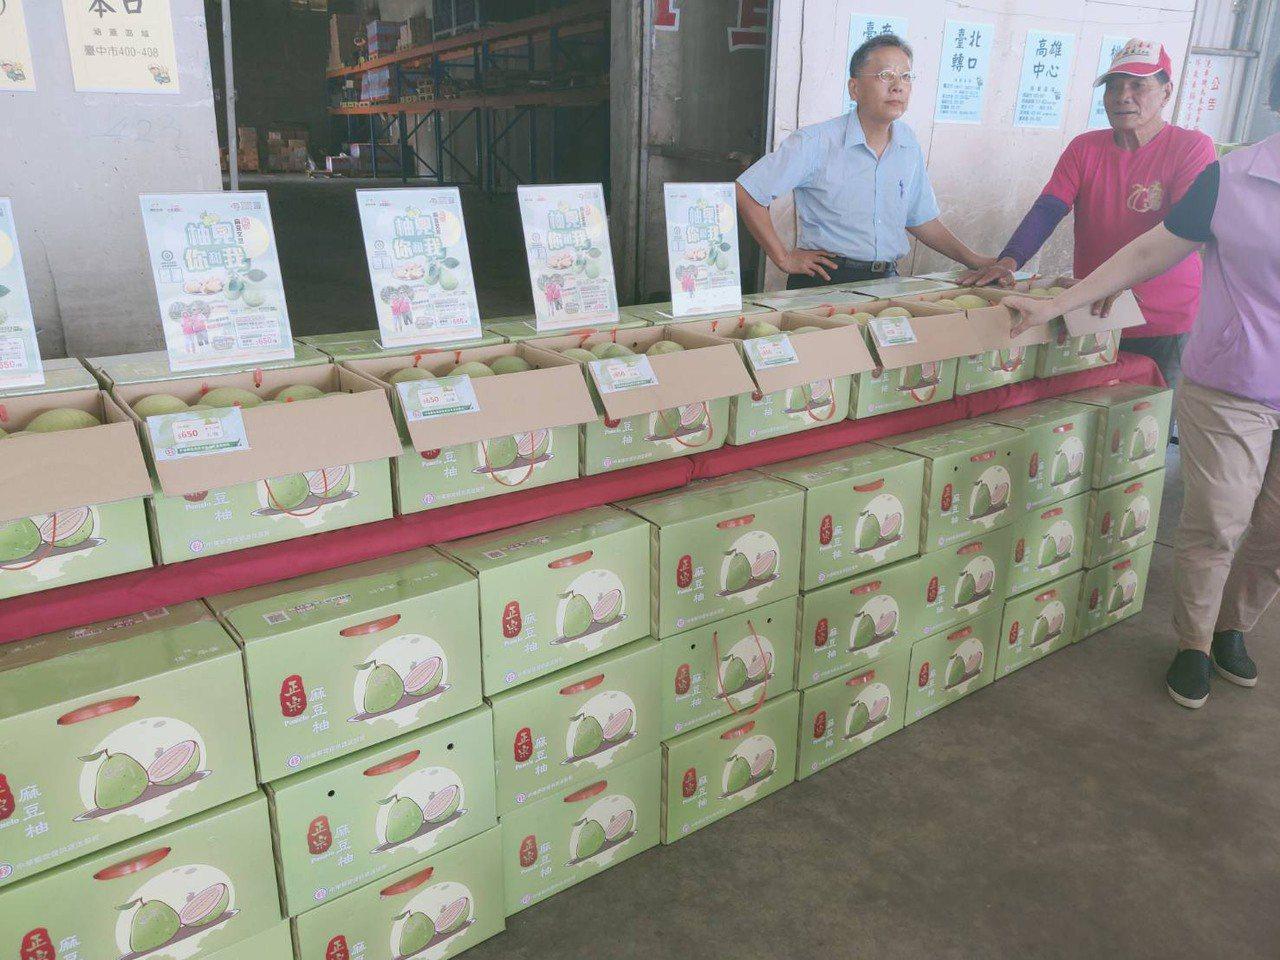 台南郵局成立上收中心,在文旦季服務柚農,在郵政商城購買文旦每箱捐10元給公益團體...